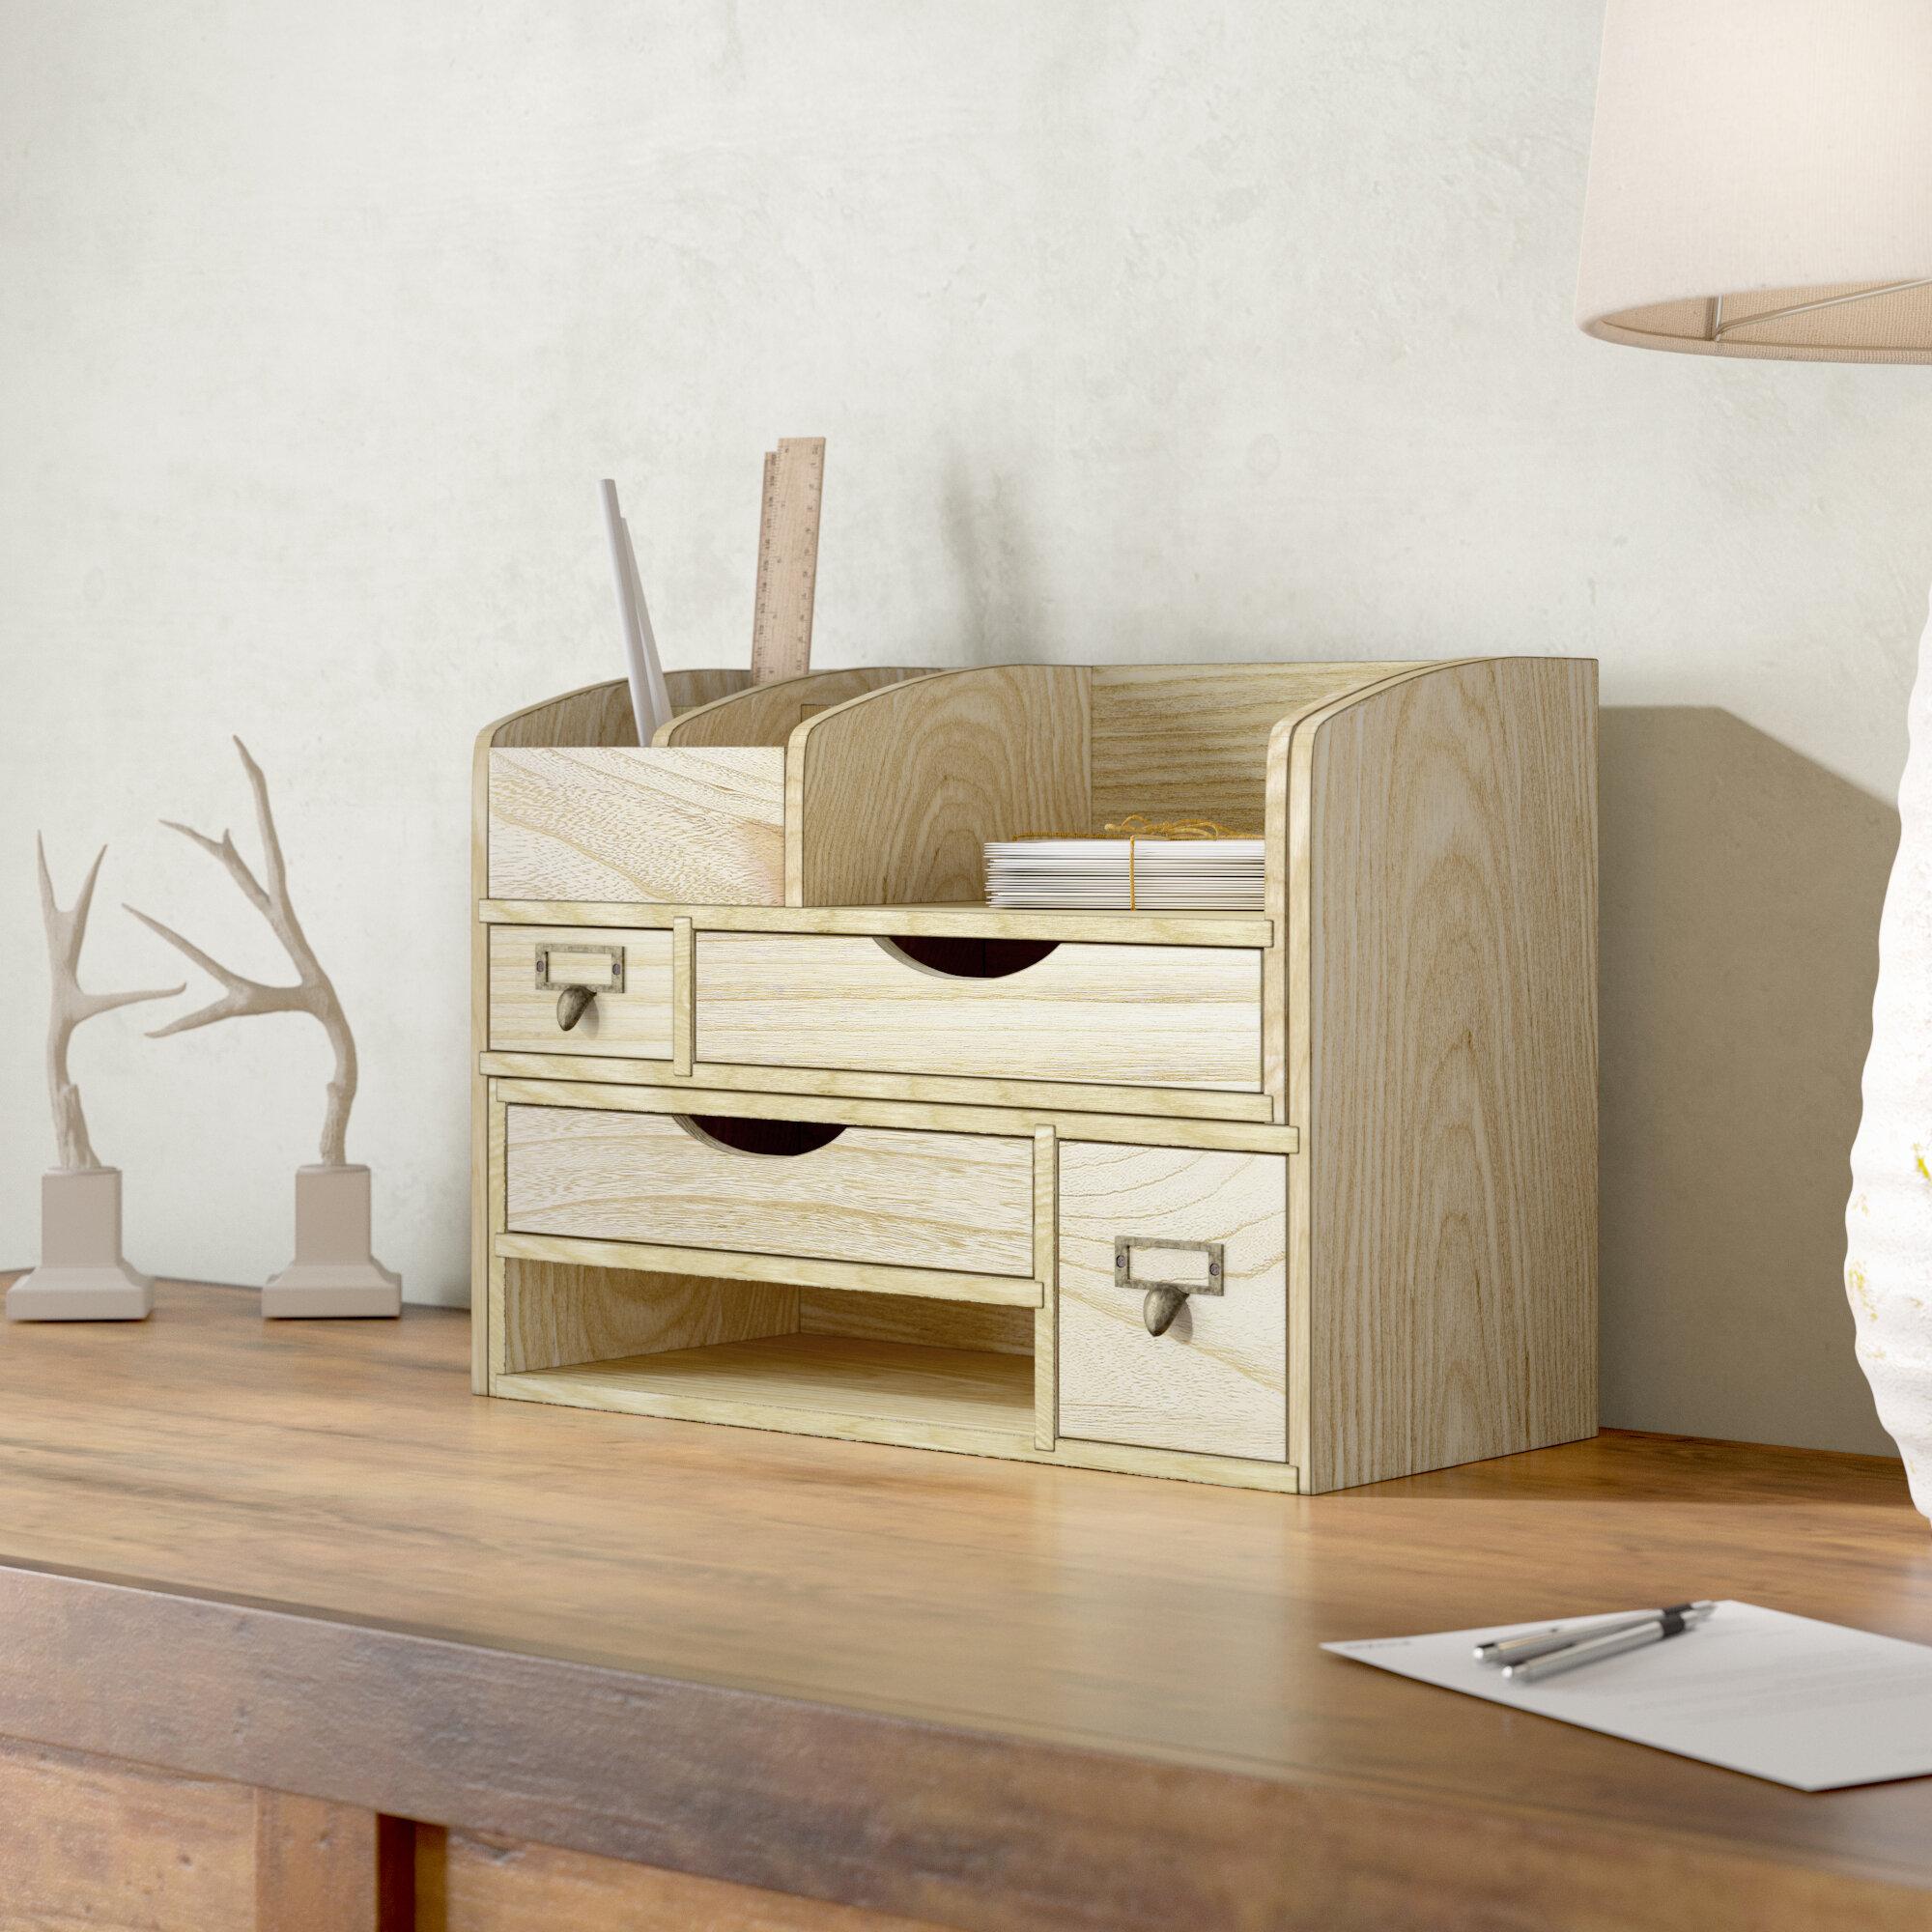 Loon Peak Riaria Adjule Wooden Desktop Organizer Office Supplies Storage Shelf Rack Reviews Wayfair